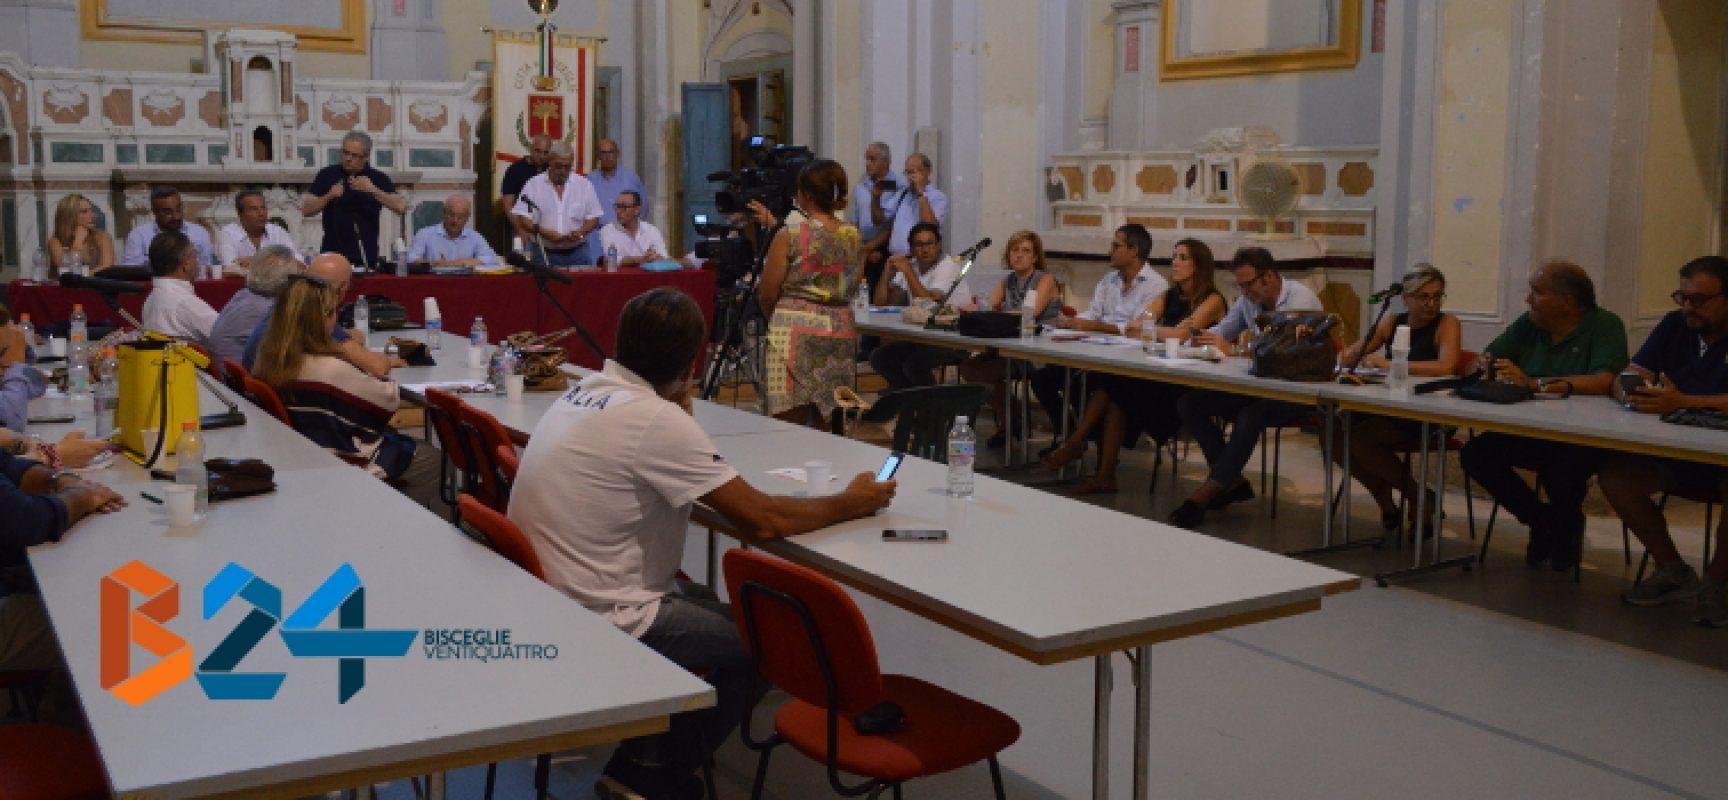 La maggioranza in consiglio comunale vota l'incompatibilità del sindaco Spina